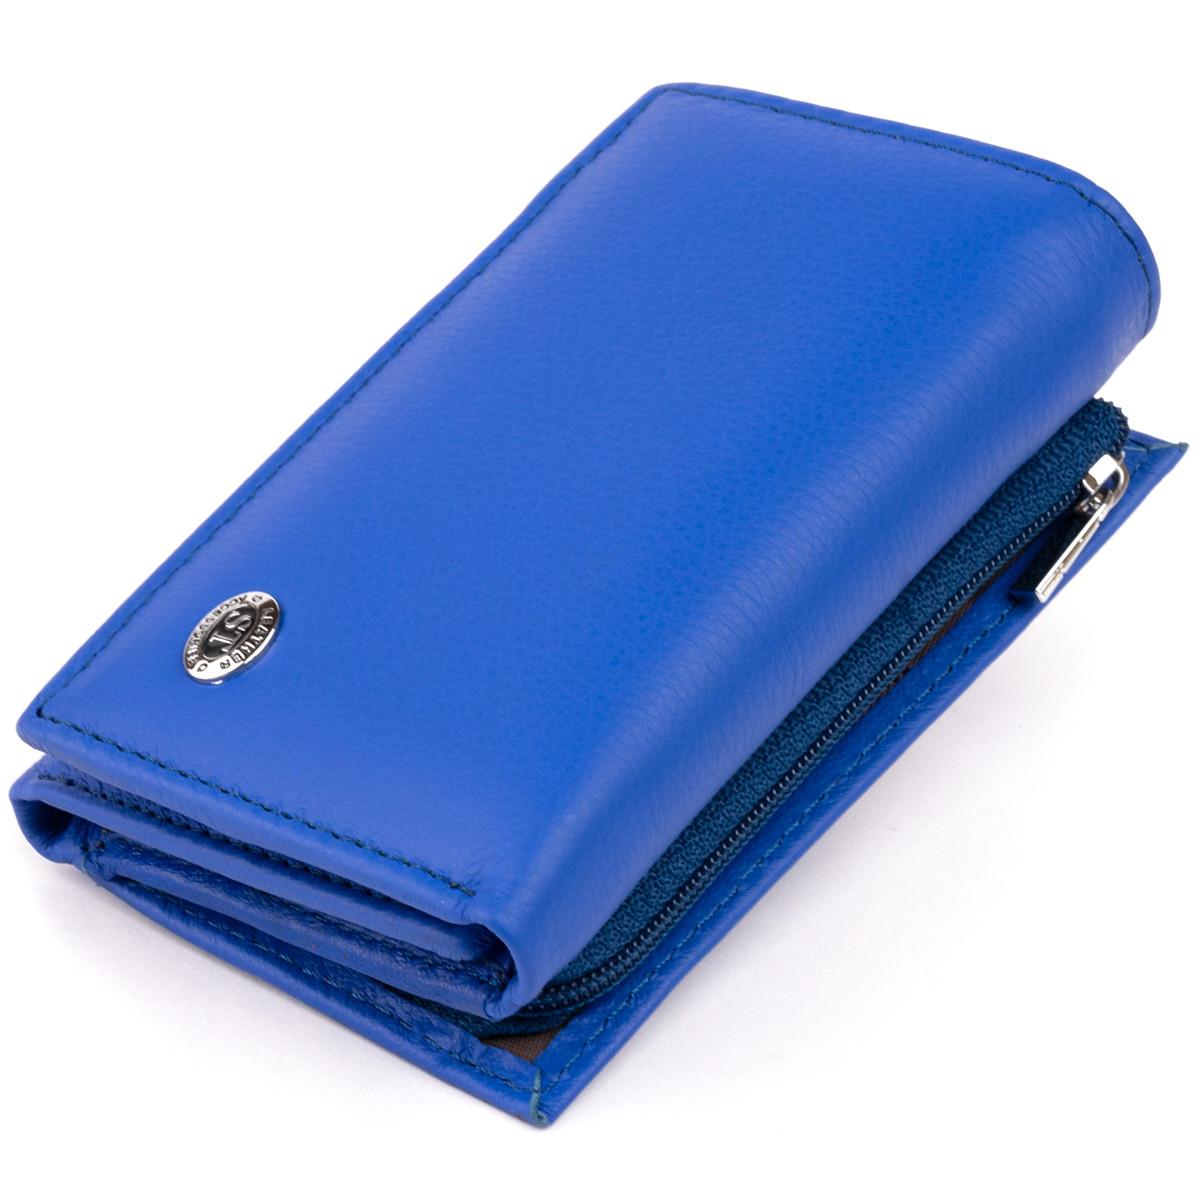 Горизонтальне портмоне зі шкіри унісекс на магніті ST Leather 19338 Синій